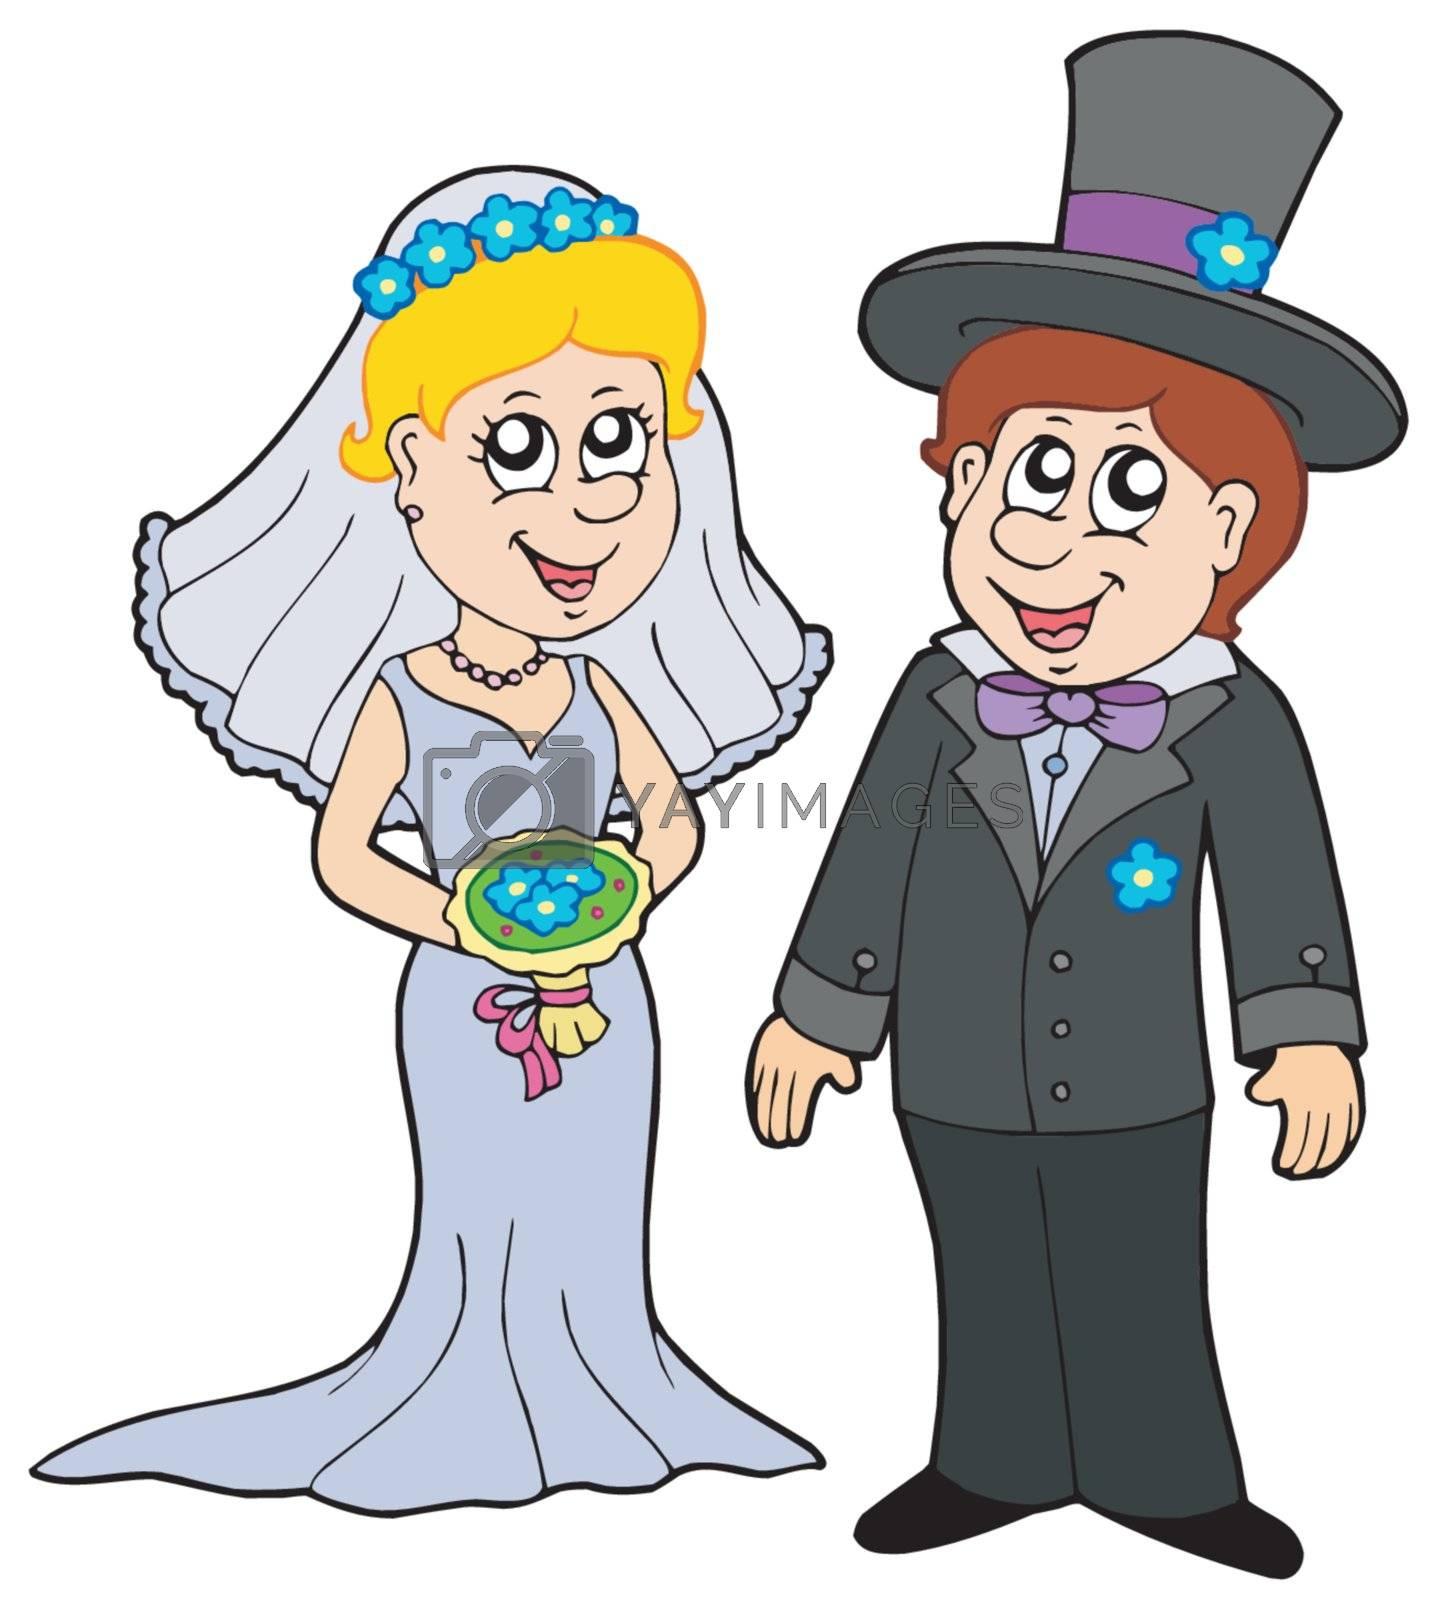 Wedding couple on white background - vector illustration.